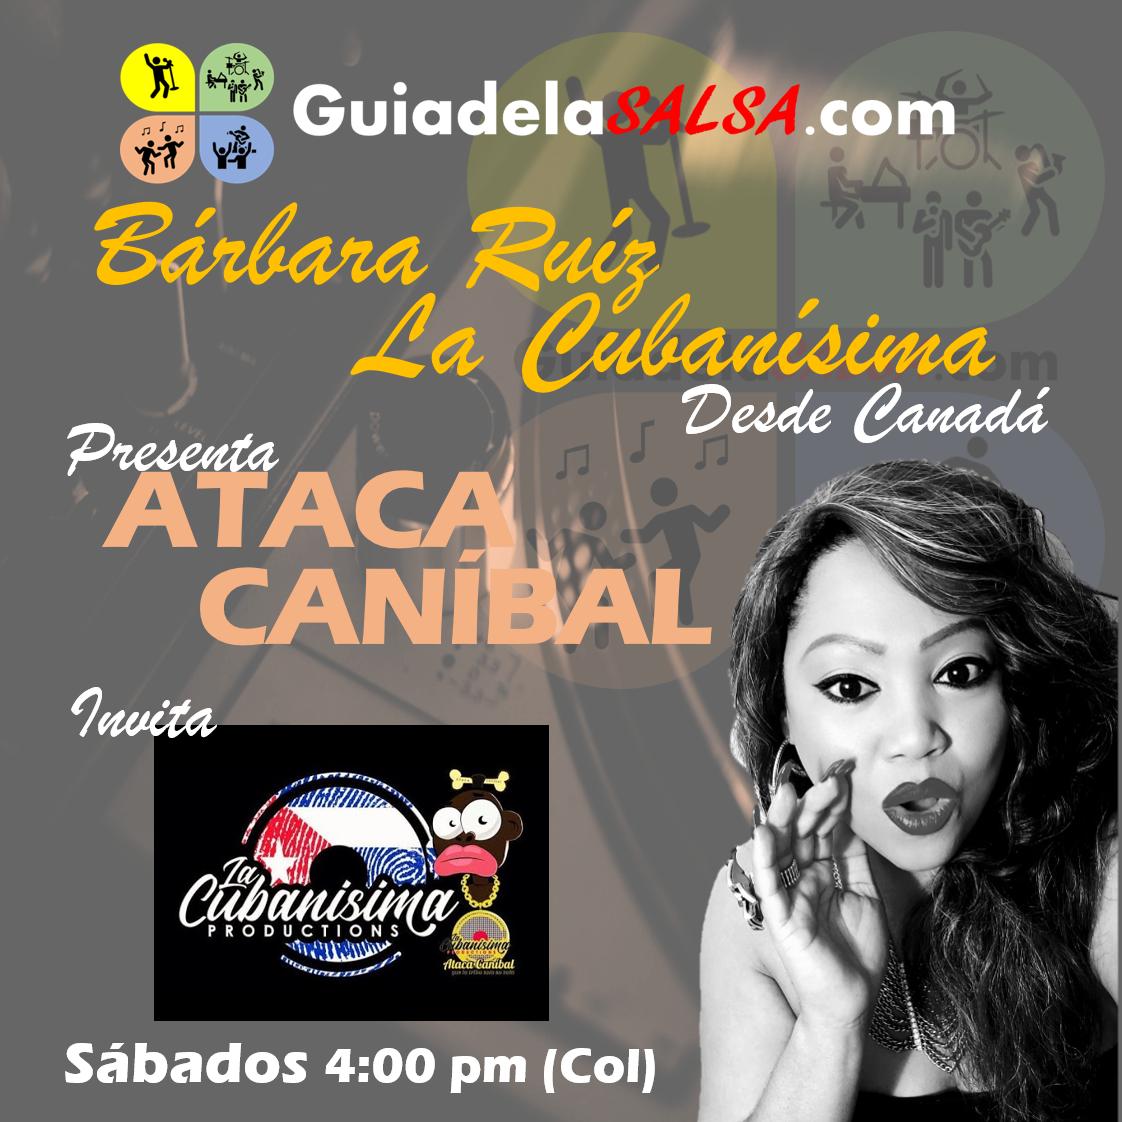 La Cubanísima - Ataca Caníbal